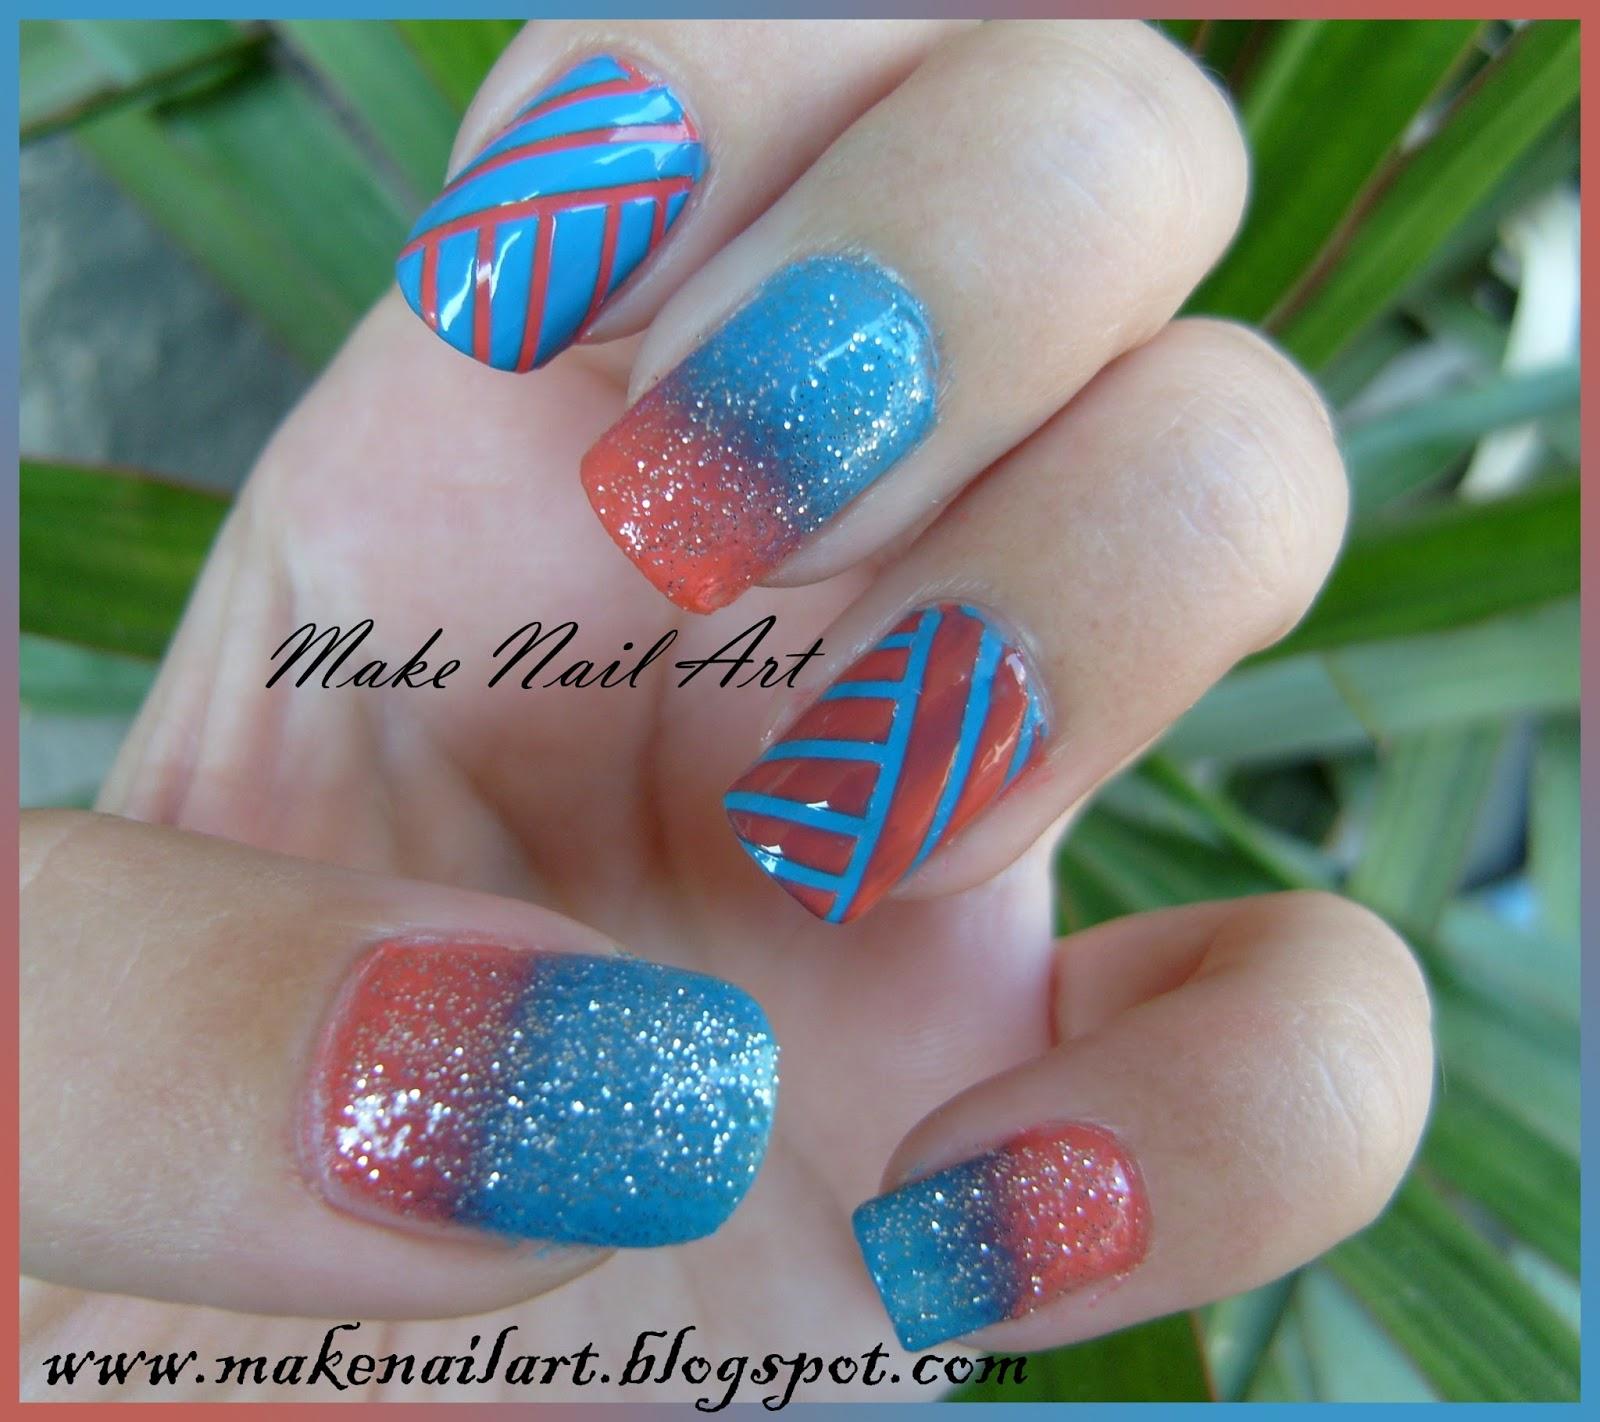 Make Nail Art: Easy Nail Art Design With Gradient And Nail ...